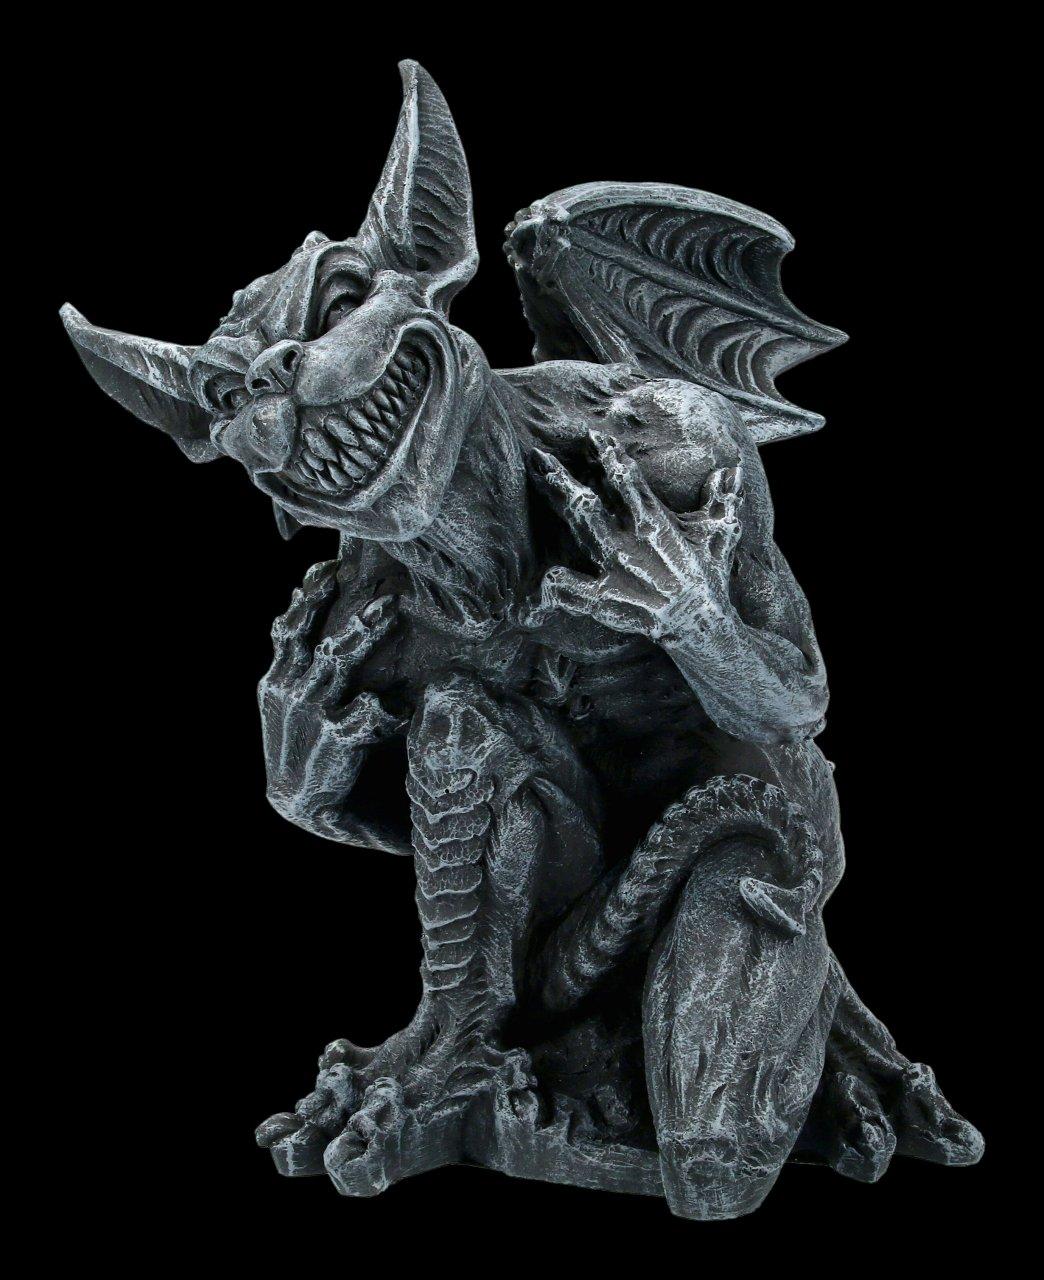 Gremlin Figurine - Trust Me